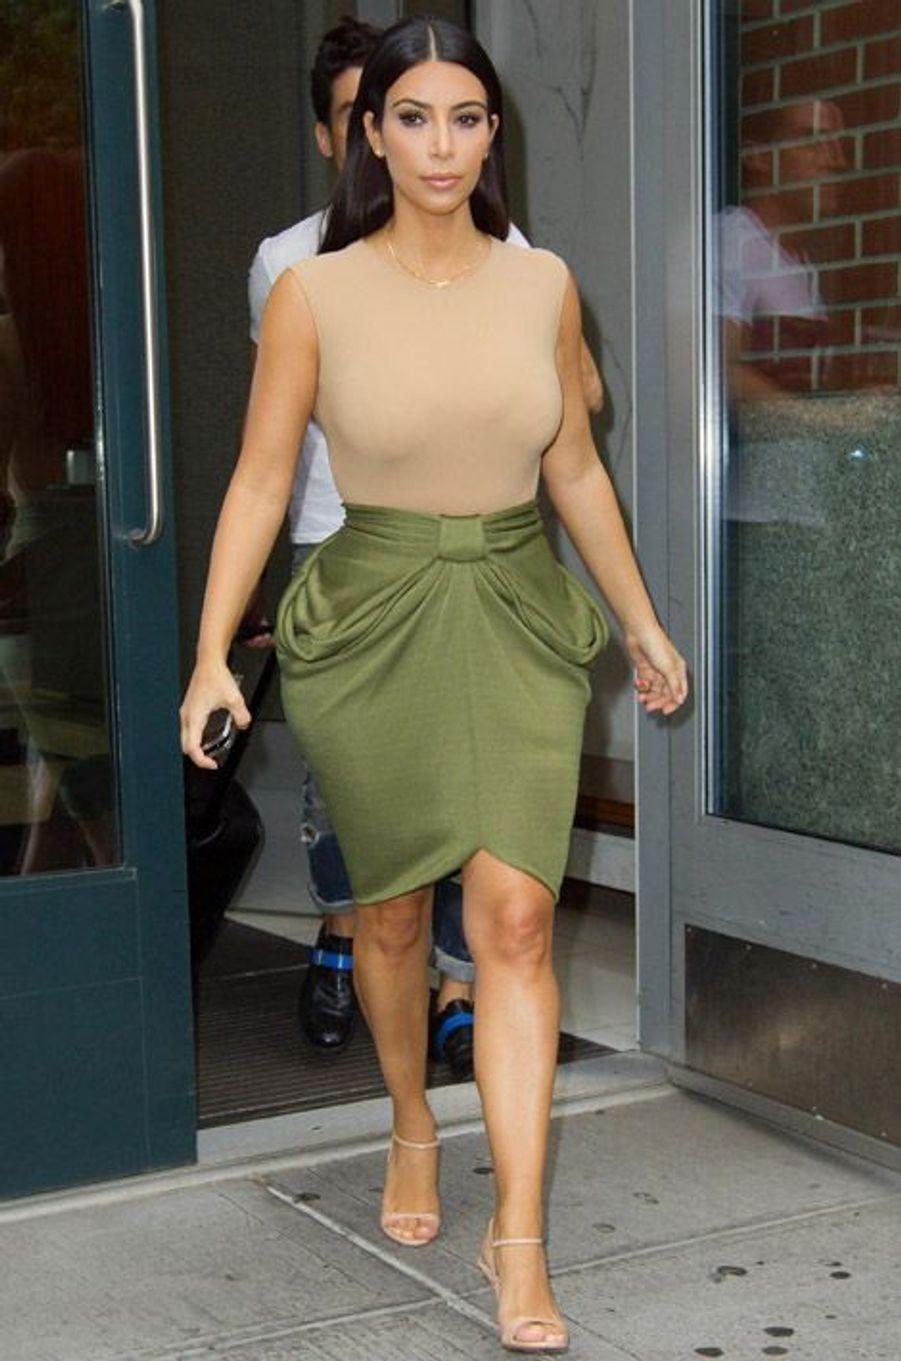 La star de la téléréalité américaine, Kim Kardashian, à New York, le 12 août 2014